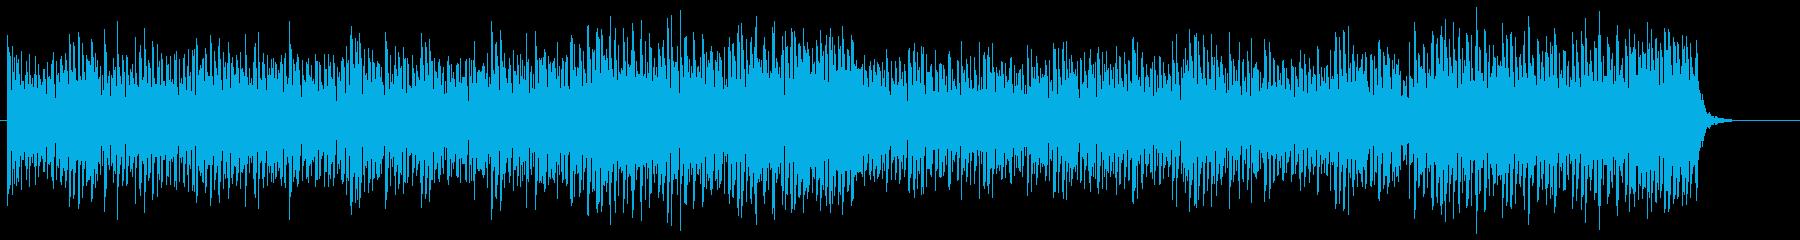 爽やかで開放的なピアノトランスSH版の再生済みの波形